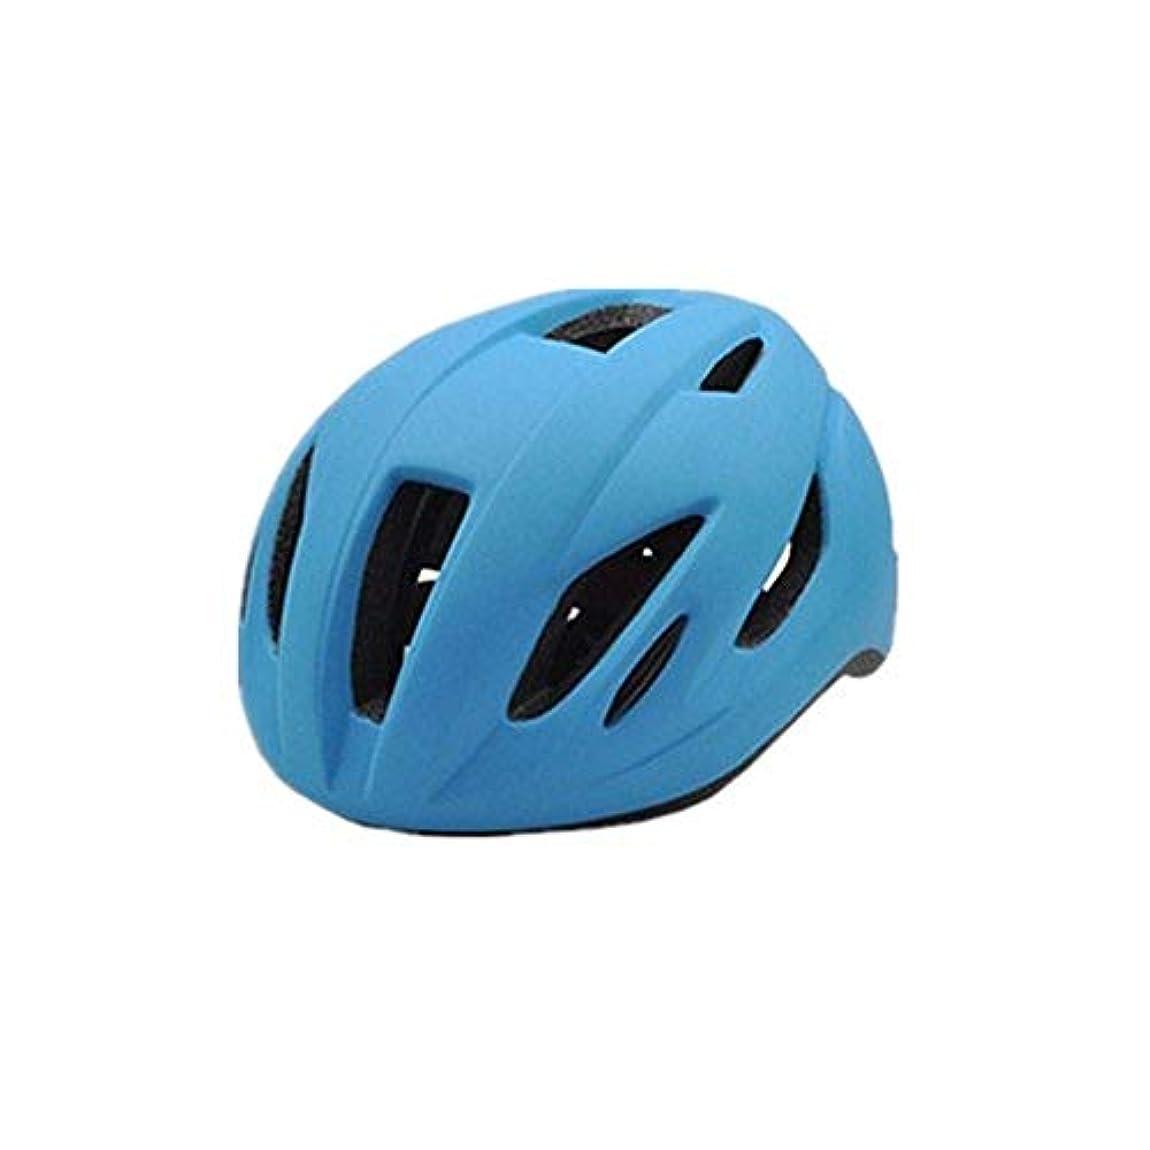 そのような津波リダクター自転車用ヘルメット超軽量 アウトドアサイクリング愛好家に適した自転車ヘルメット自転車ヘルメット自転車安全ヘルメット。 オフロード自転車用保護帽